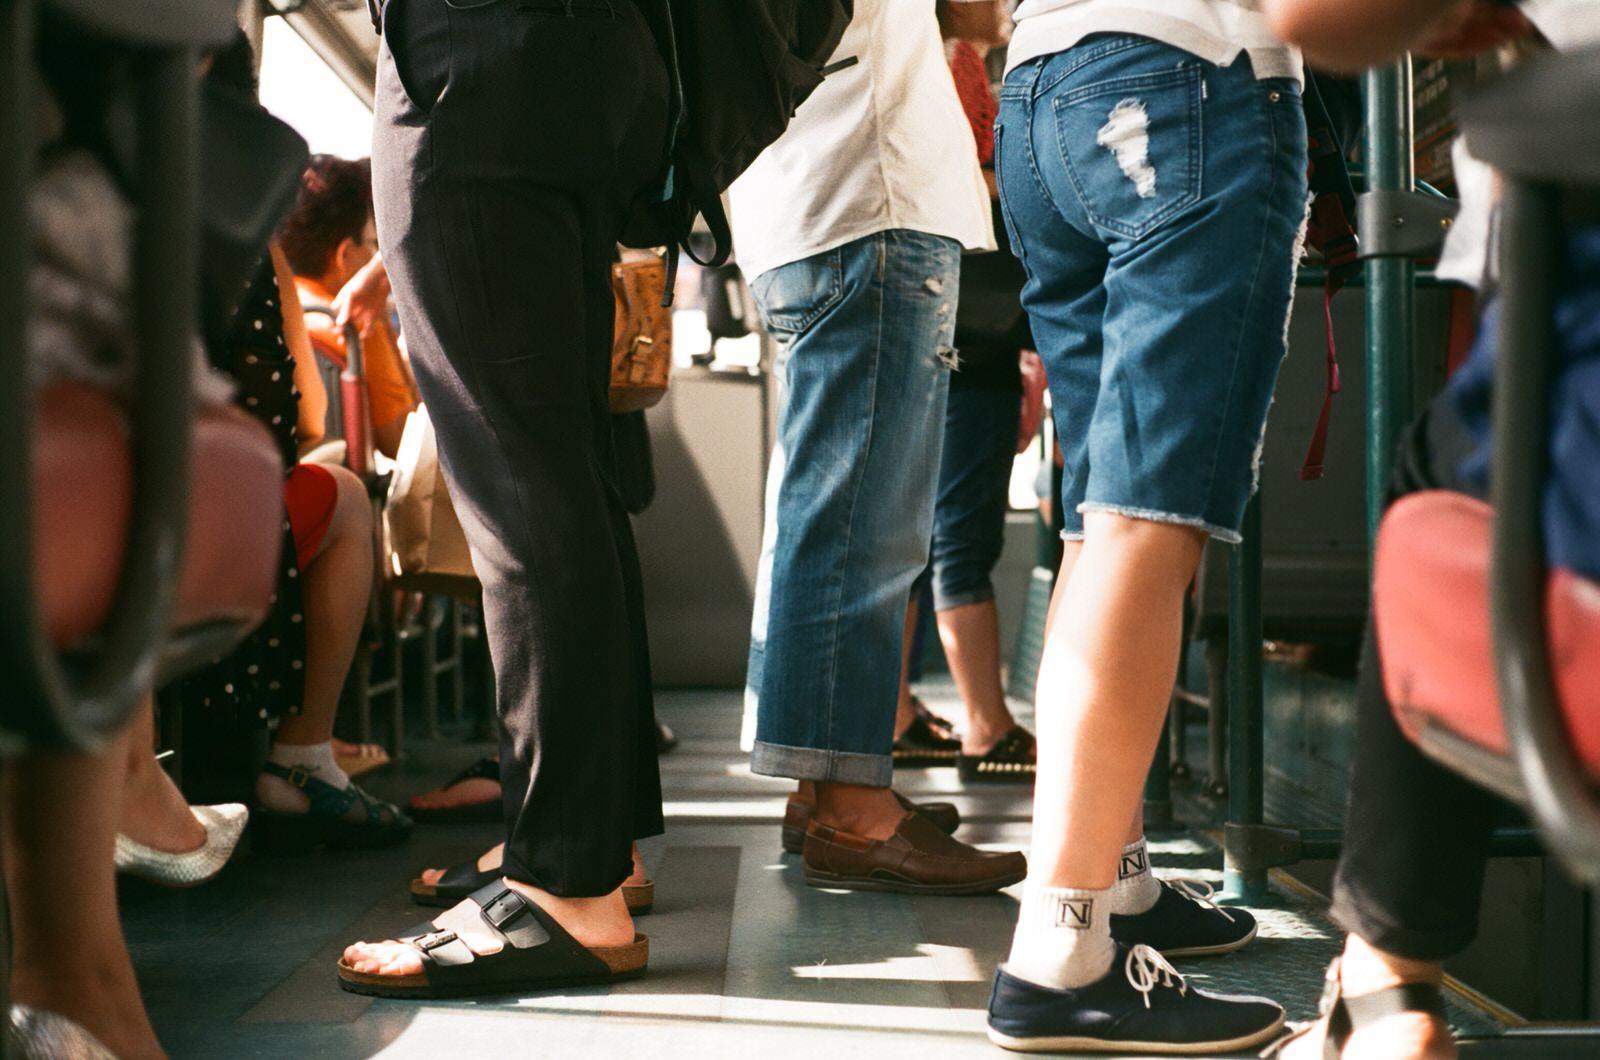 Exemple du bus quand il y a beaucoup de monde. Observation consciente des personnes.